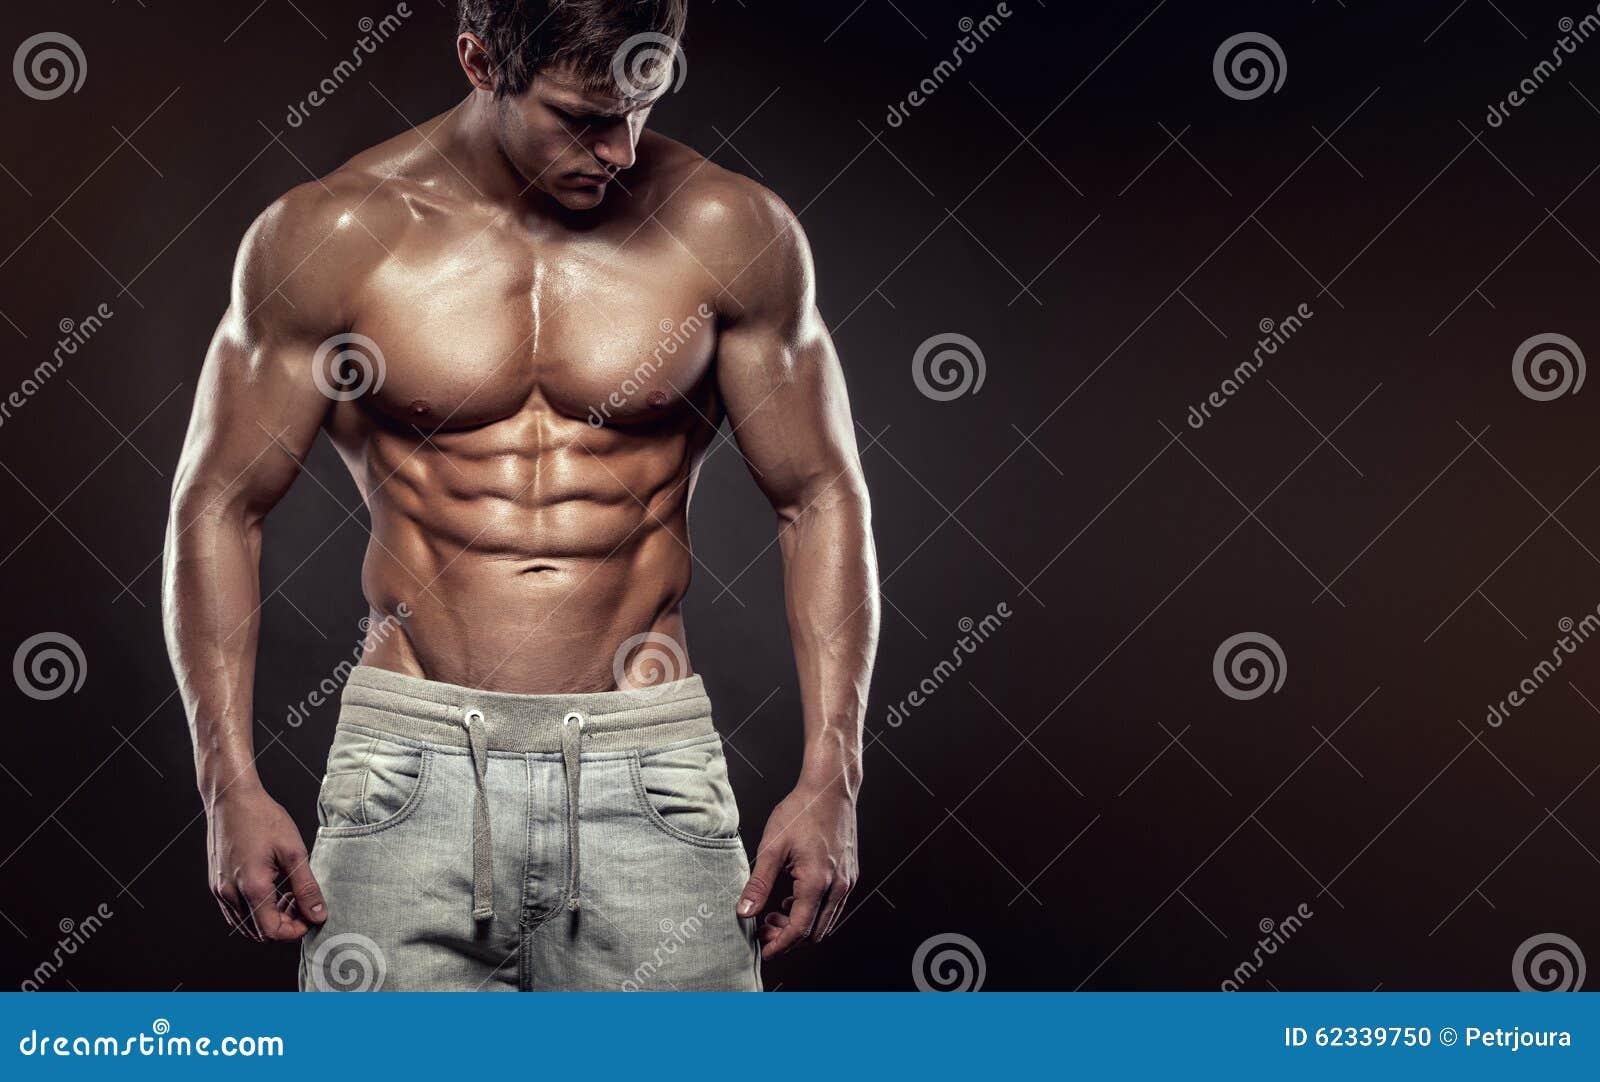 Sterke Atletische Mensengeschiktheid ModelTorso die zes pakkenabs tonen , c